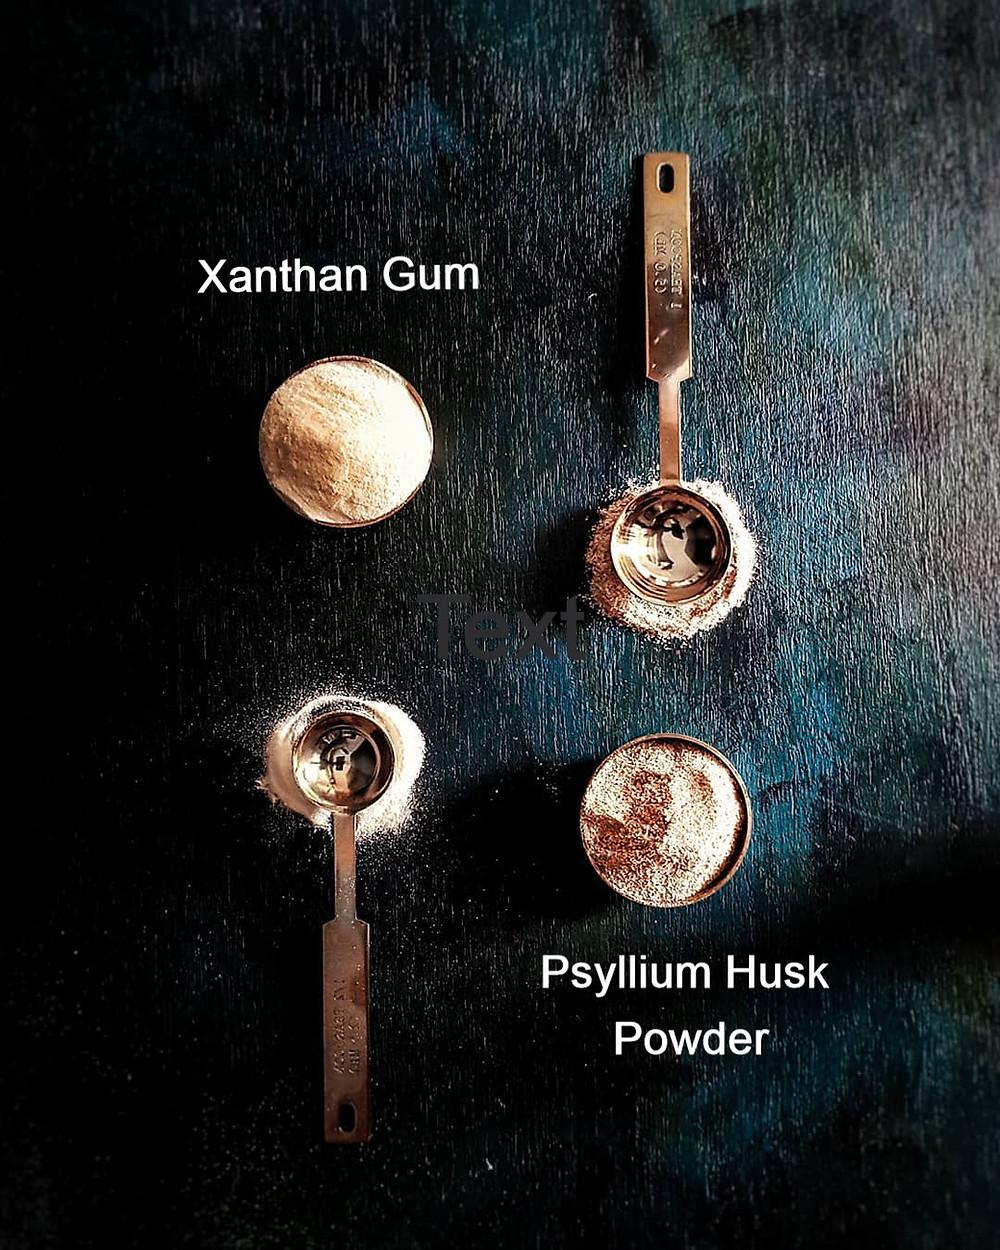 Binders used in GF Baking Psyllium Husk Powder and Xanthan Gum